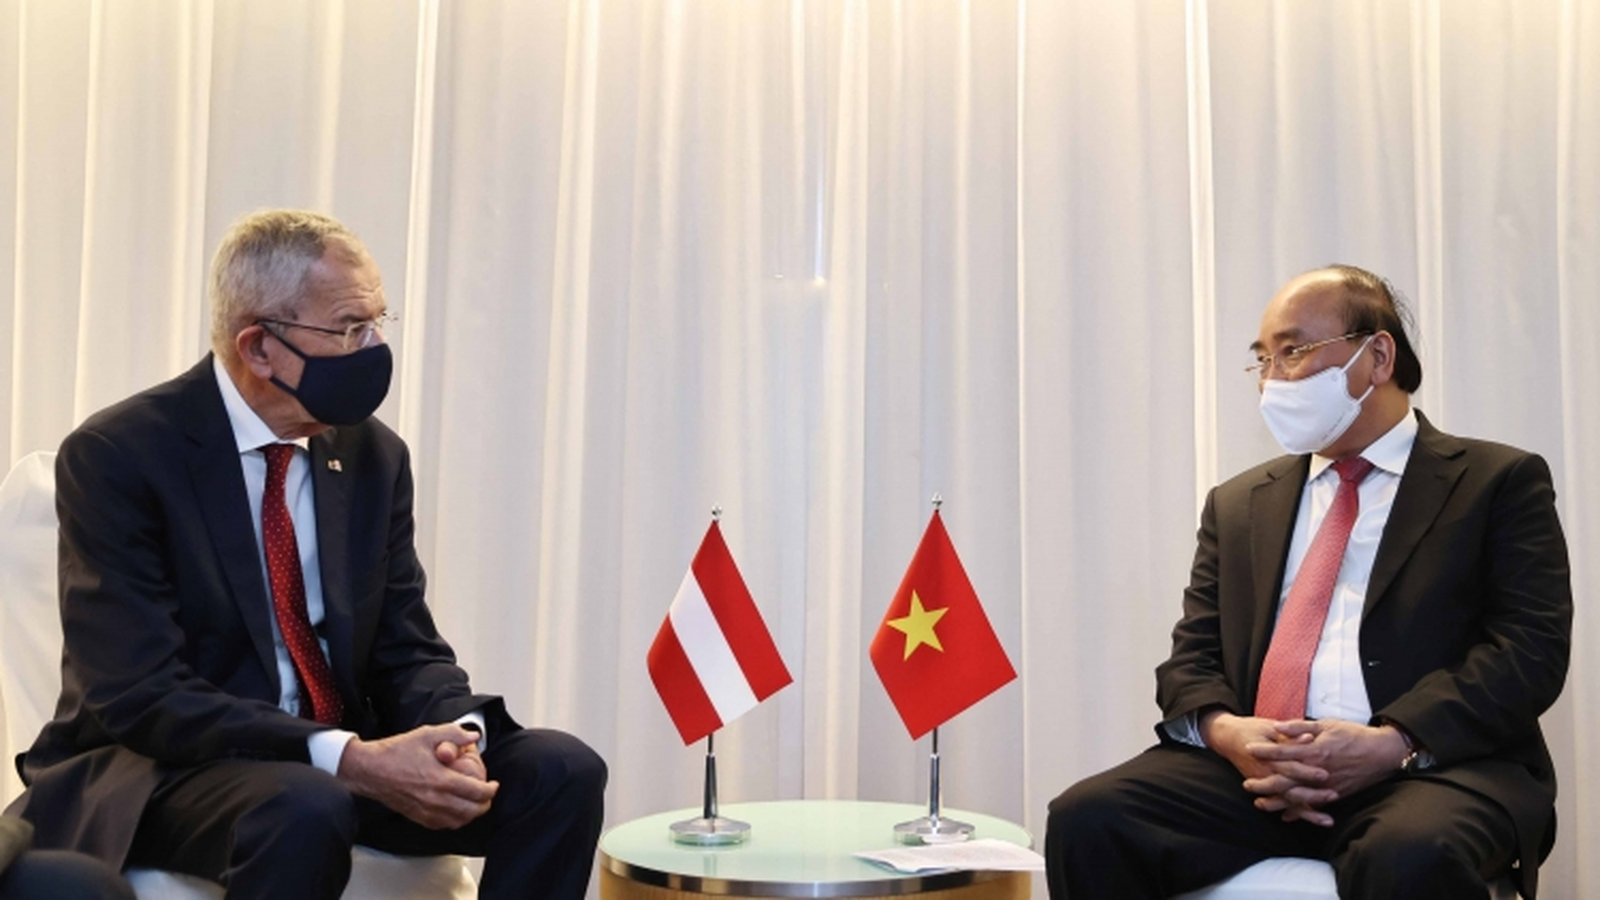 Chủ tịch nước gặp lãnh đạo nhiều nước dự phiên họp Đại hội đồng LHQ